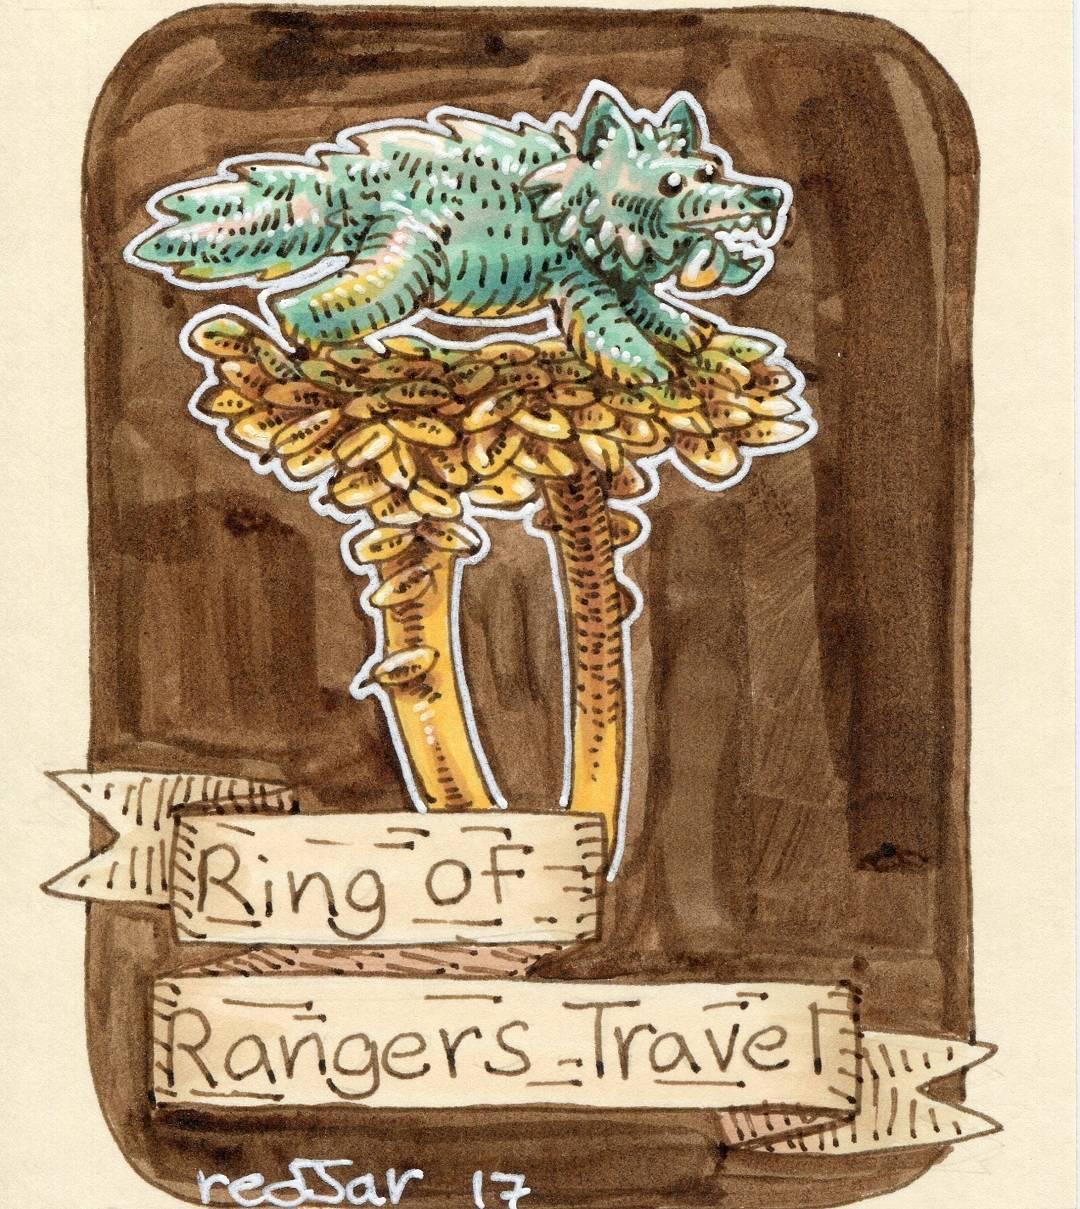 """redjarojam """"Ring of Rangers Travel"""" - by Jared DeCosta (redjarojam) www.instagram.com/redjarojam (2017-04) © dell'autore tutti i diritti riservati"""